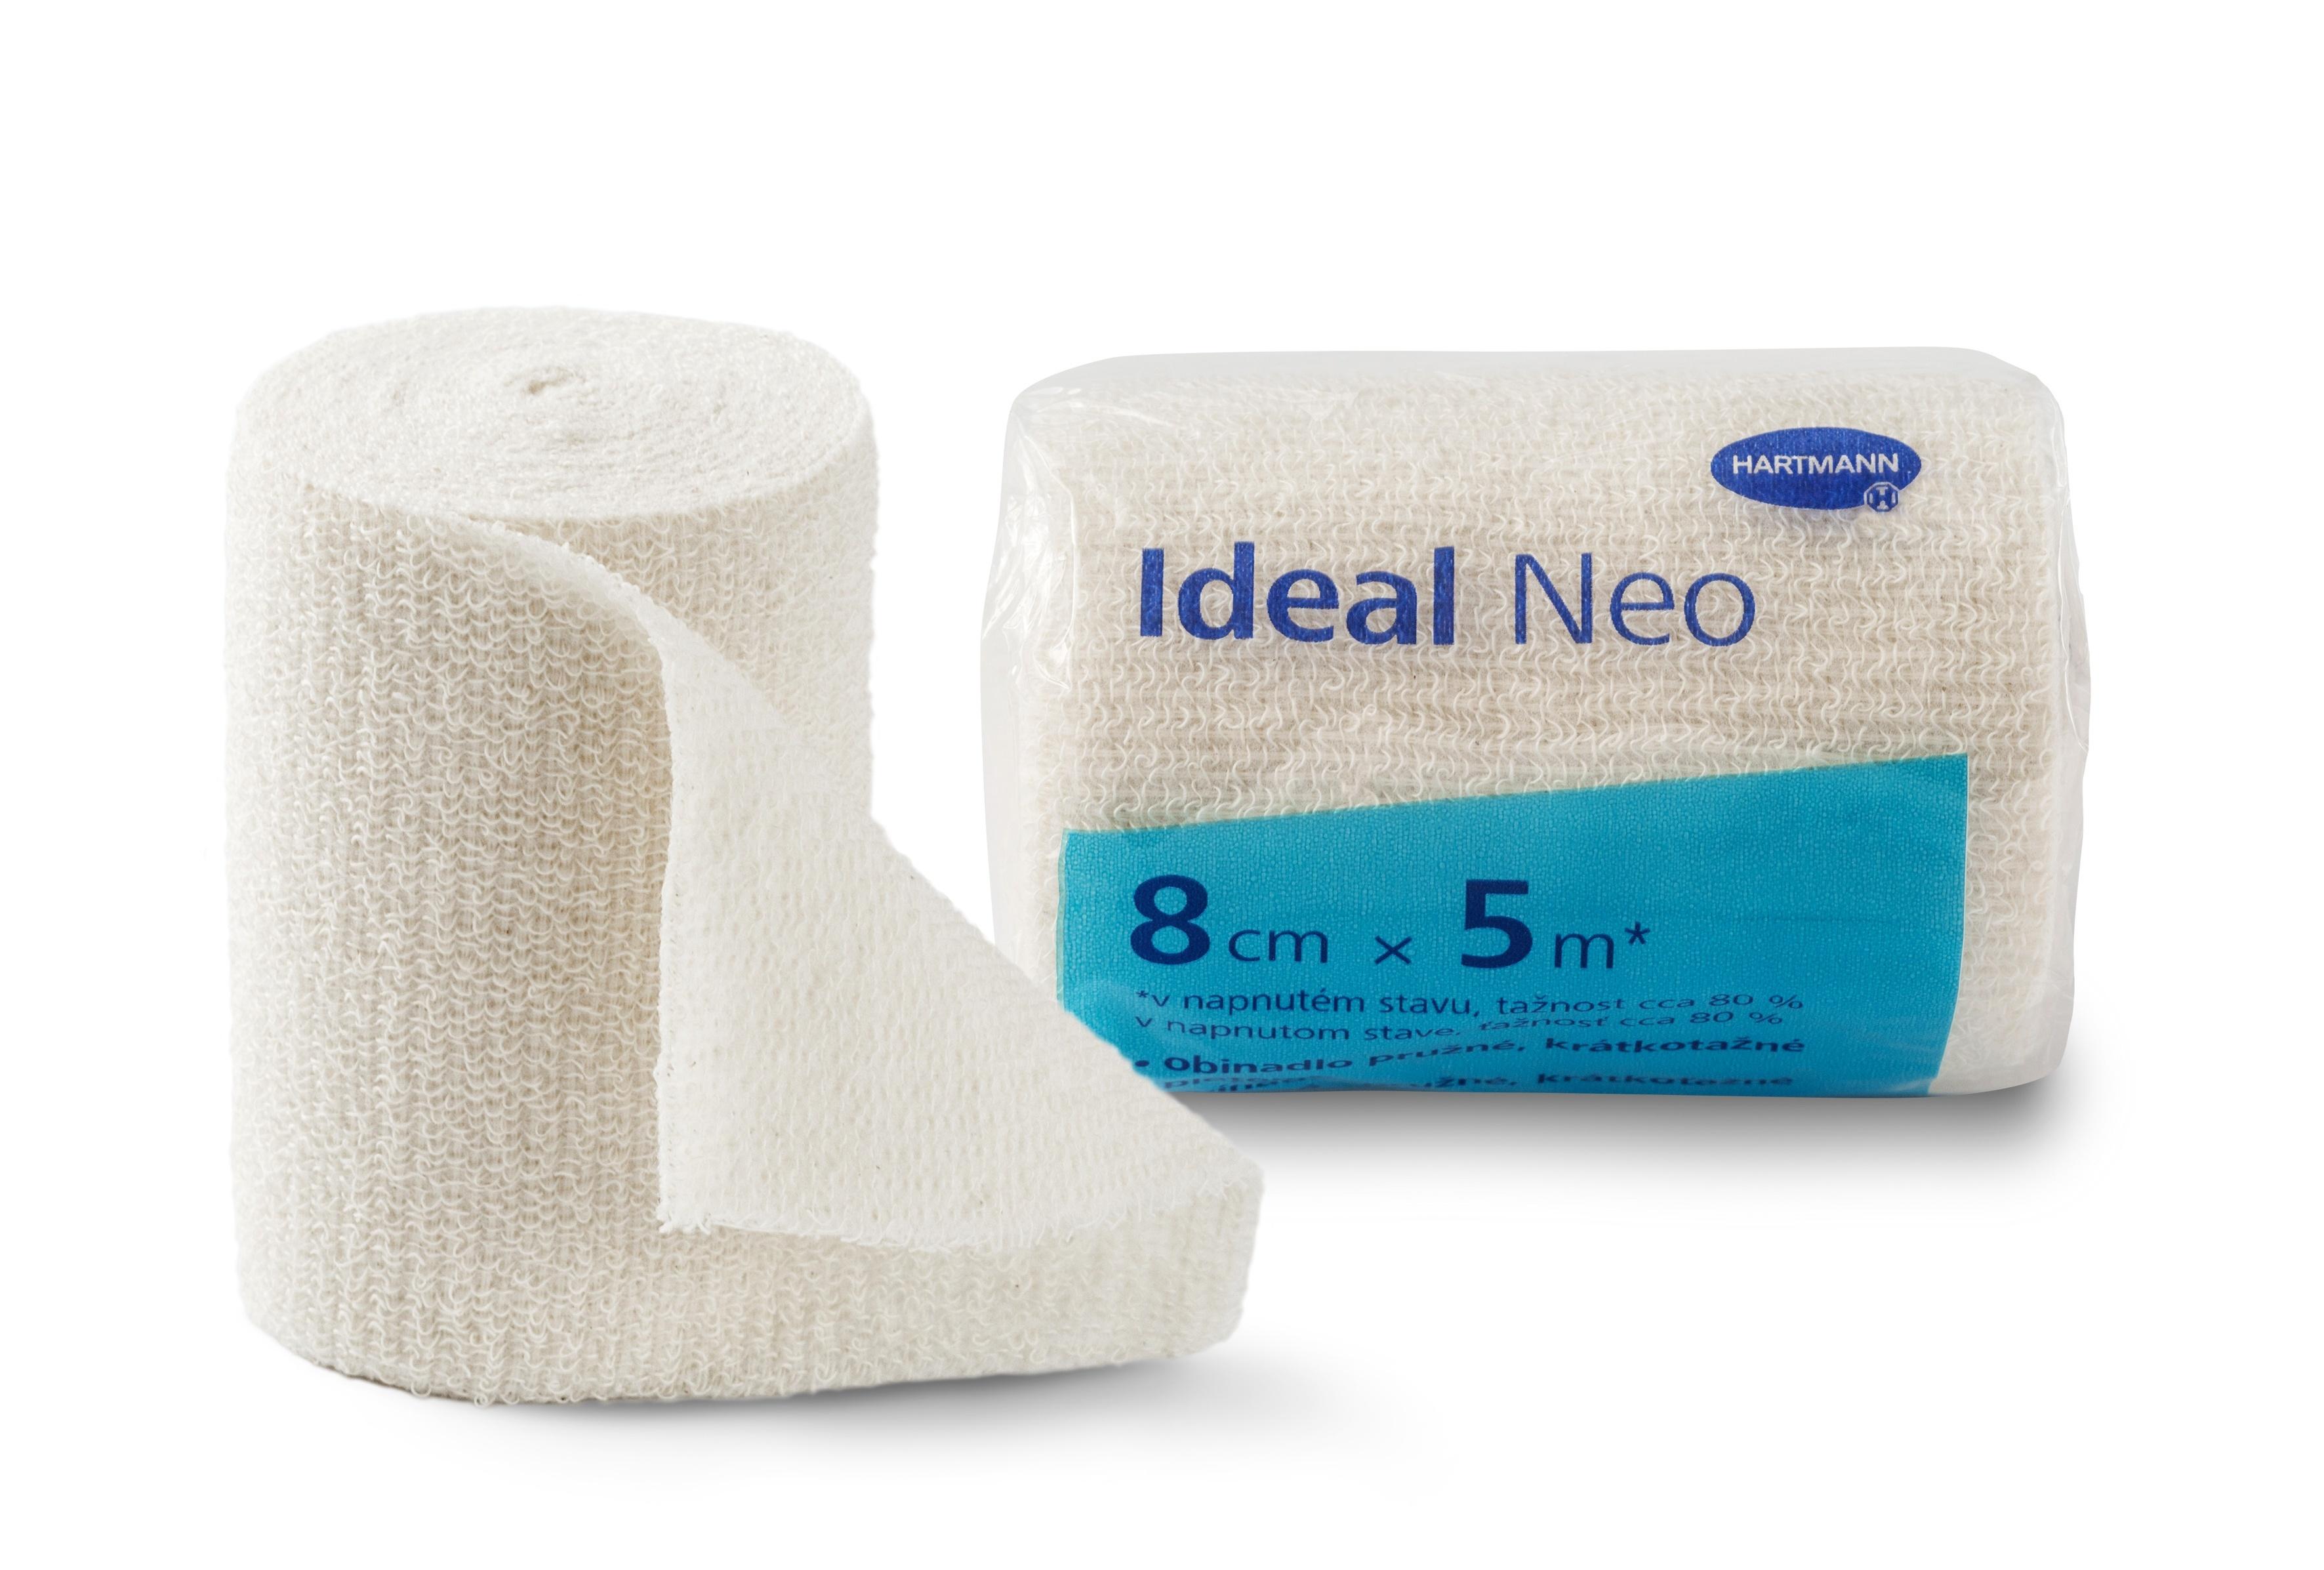 Elastické obinadlo Ideal Neo 8 cm × 5 m vhodné pro ošetřování onemocnění žilního a lymfatického systému